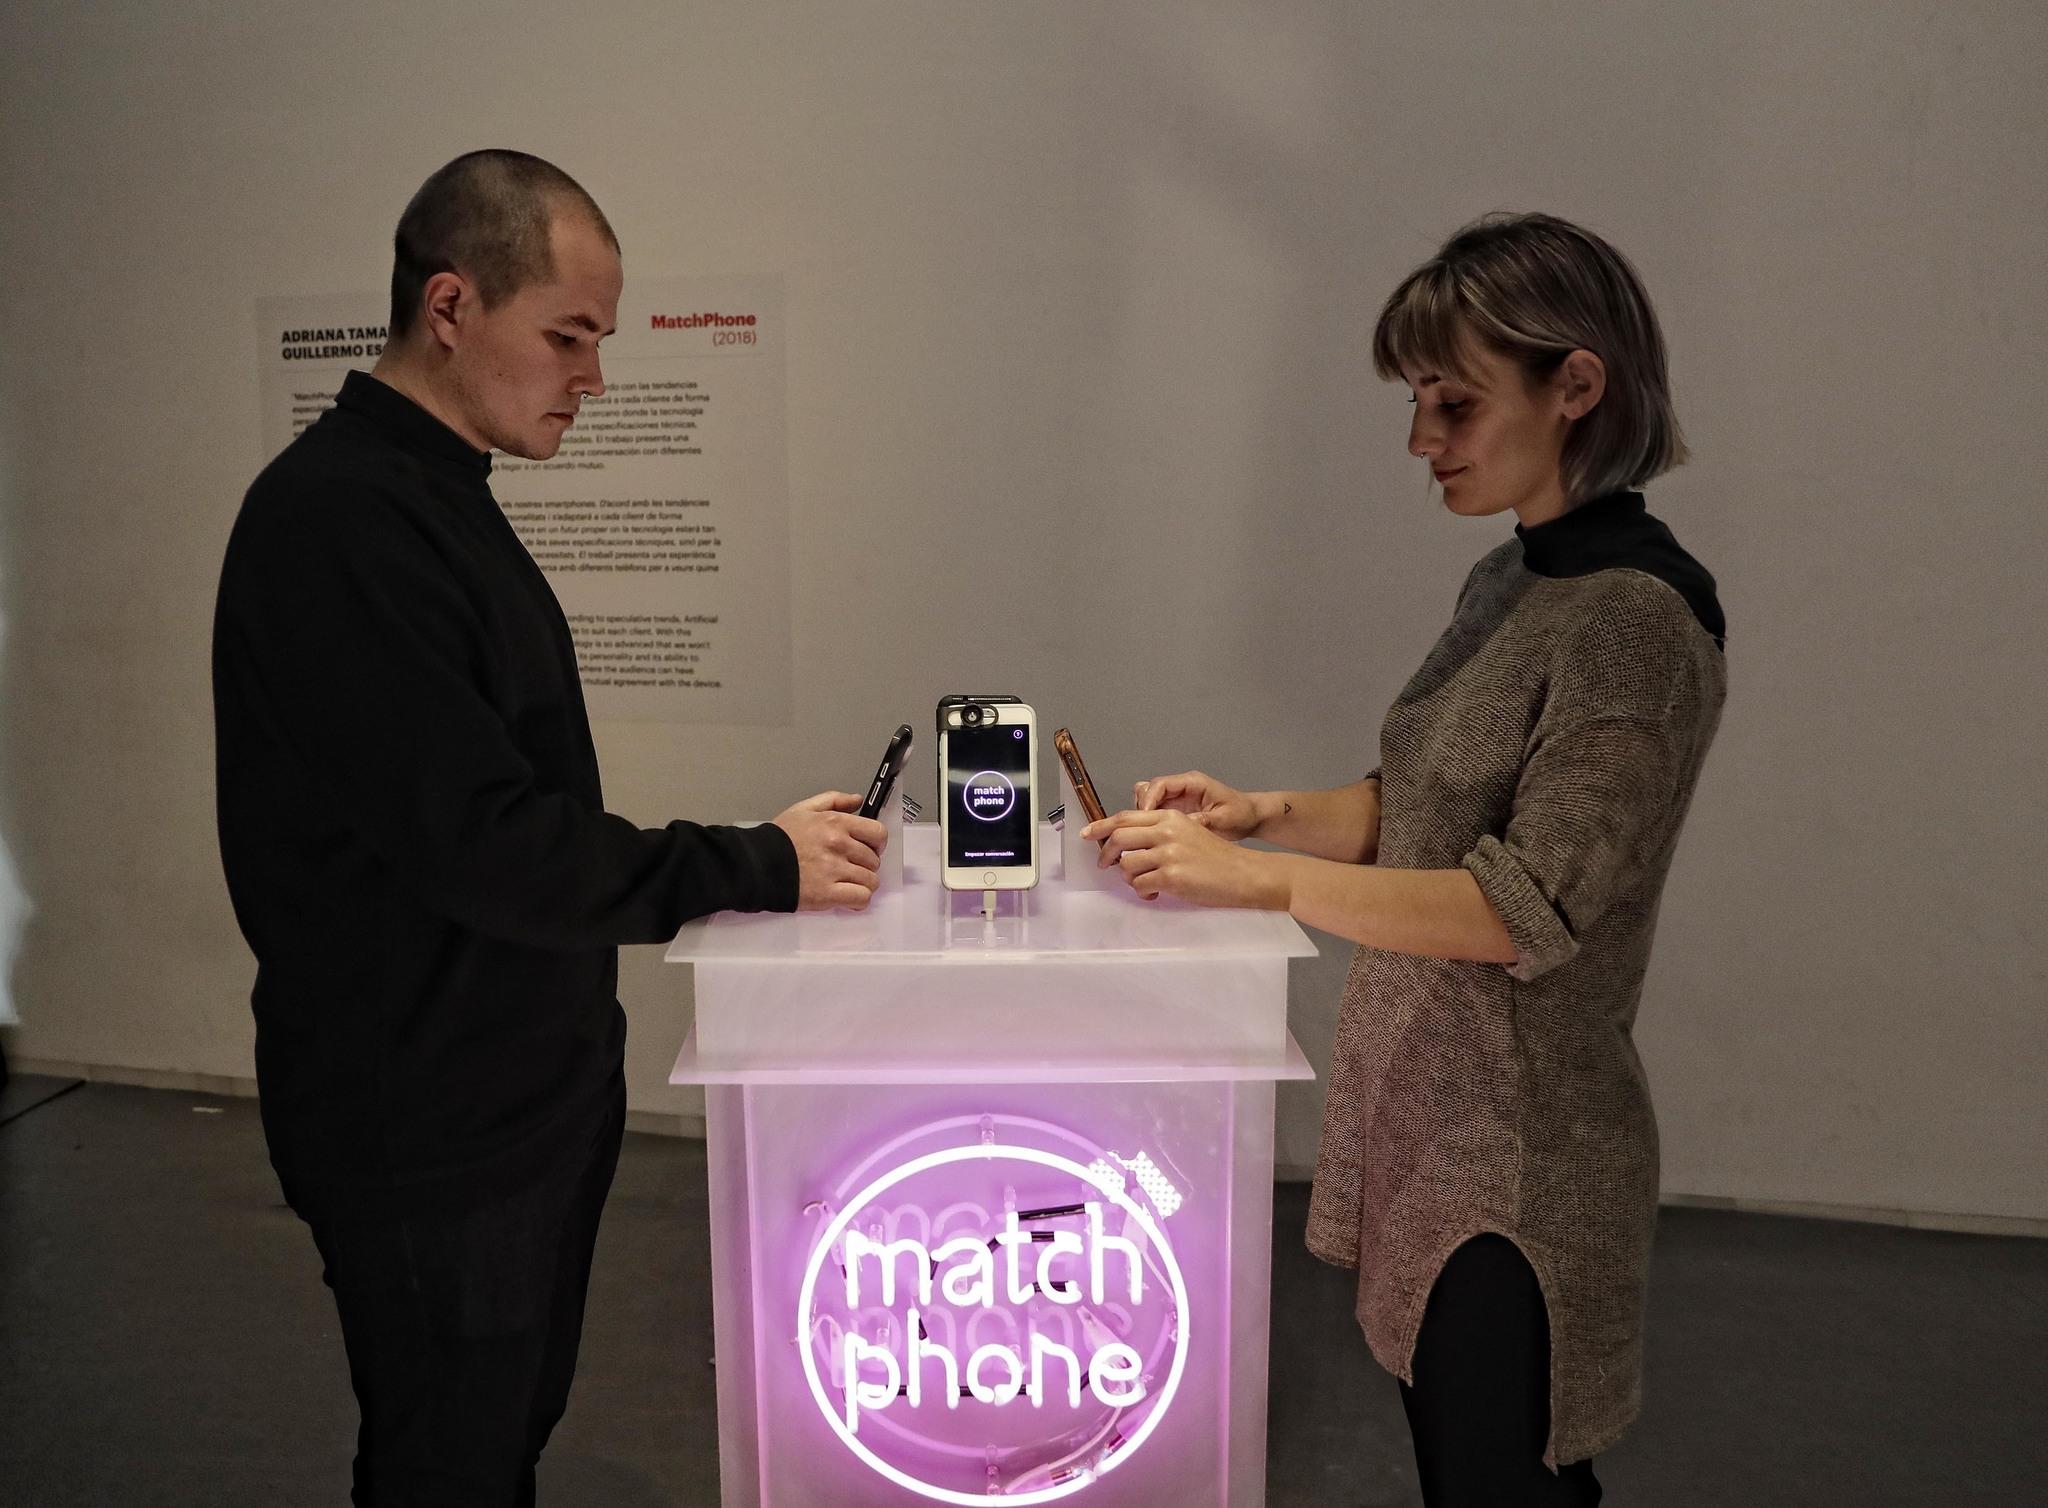 Una artística revancha a la tecnología